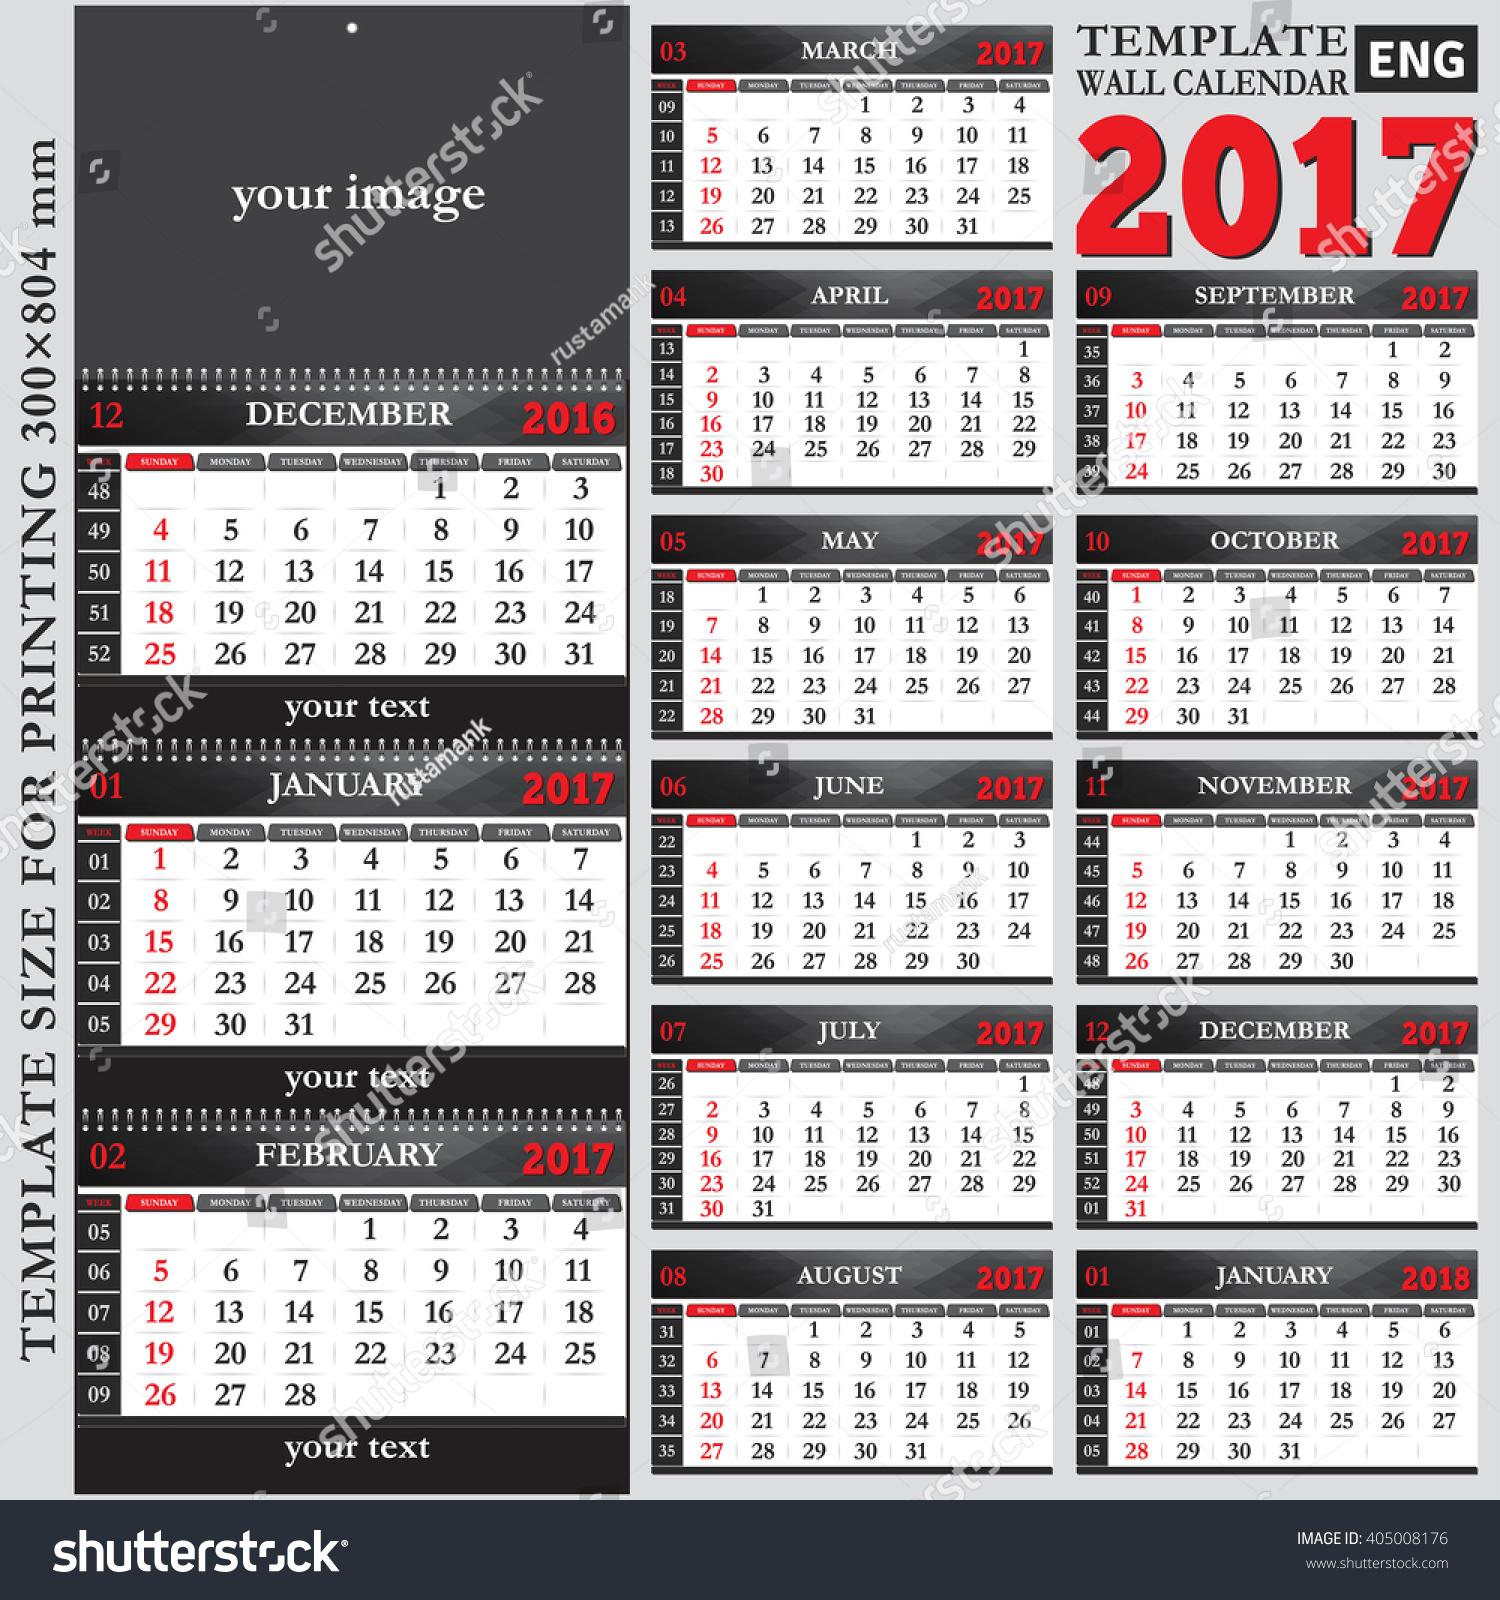 quarterly calendar template